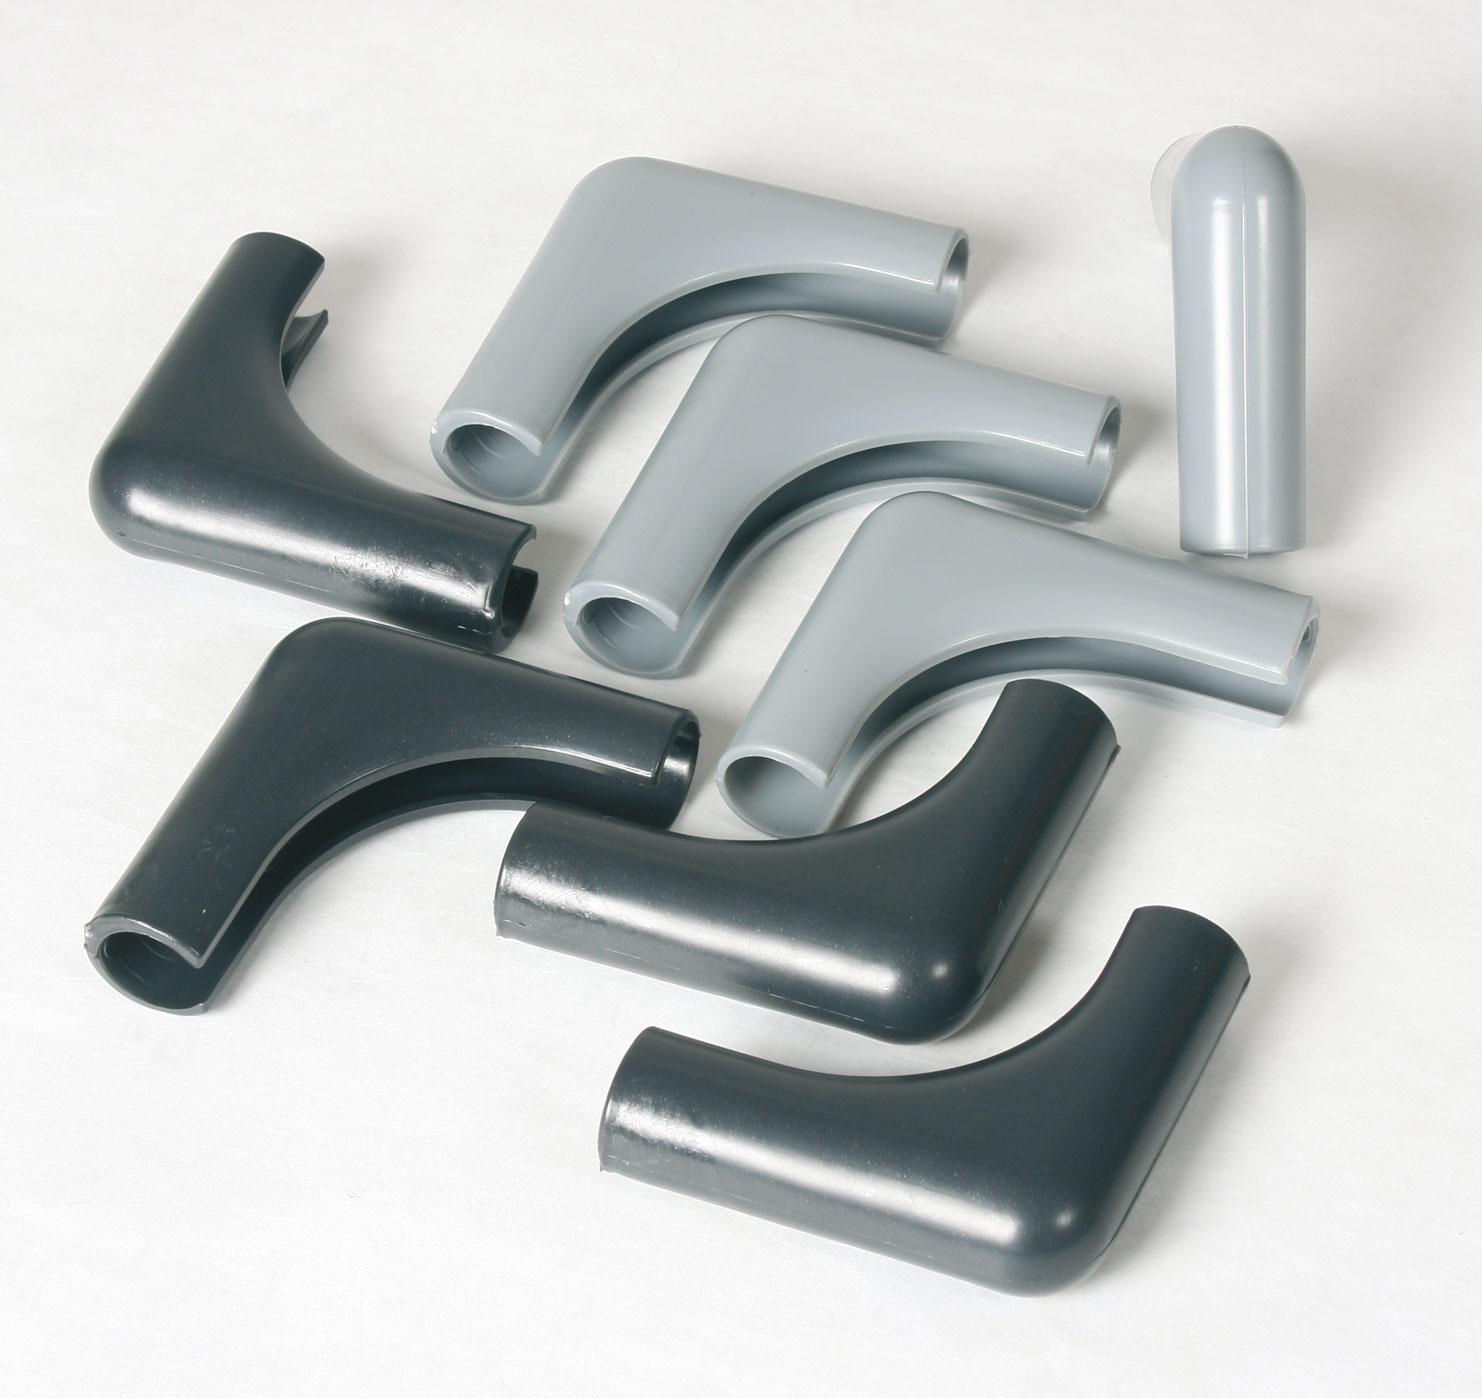 Sungörl Fußkappe / Ersatz Fußkappe für OASI Relaxsessel anthrazit Bild 1